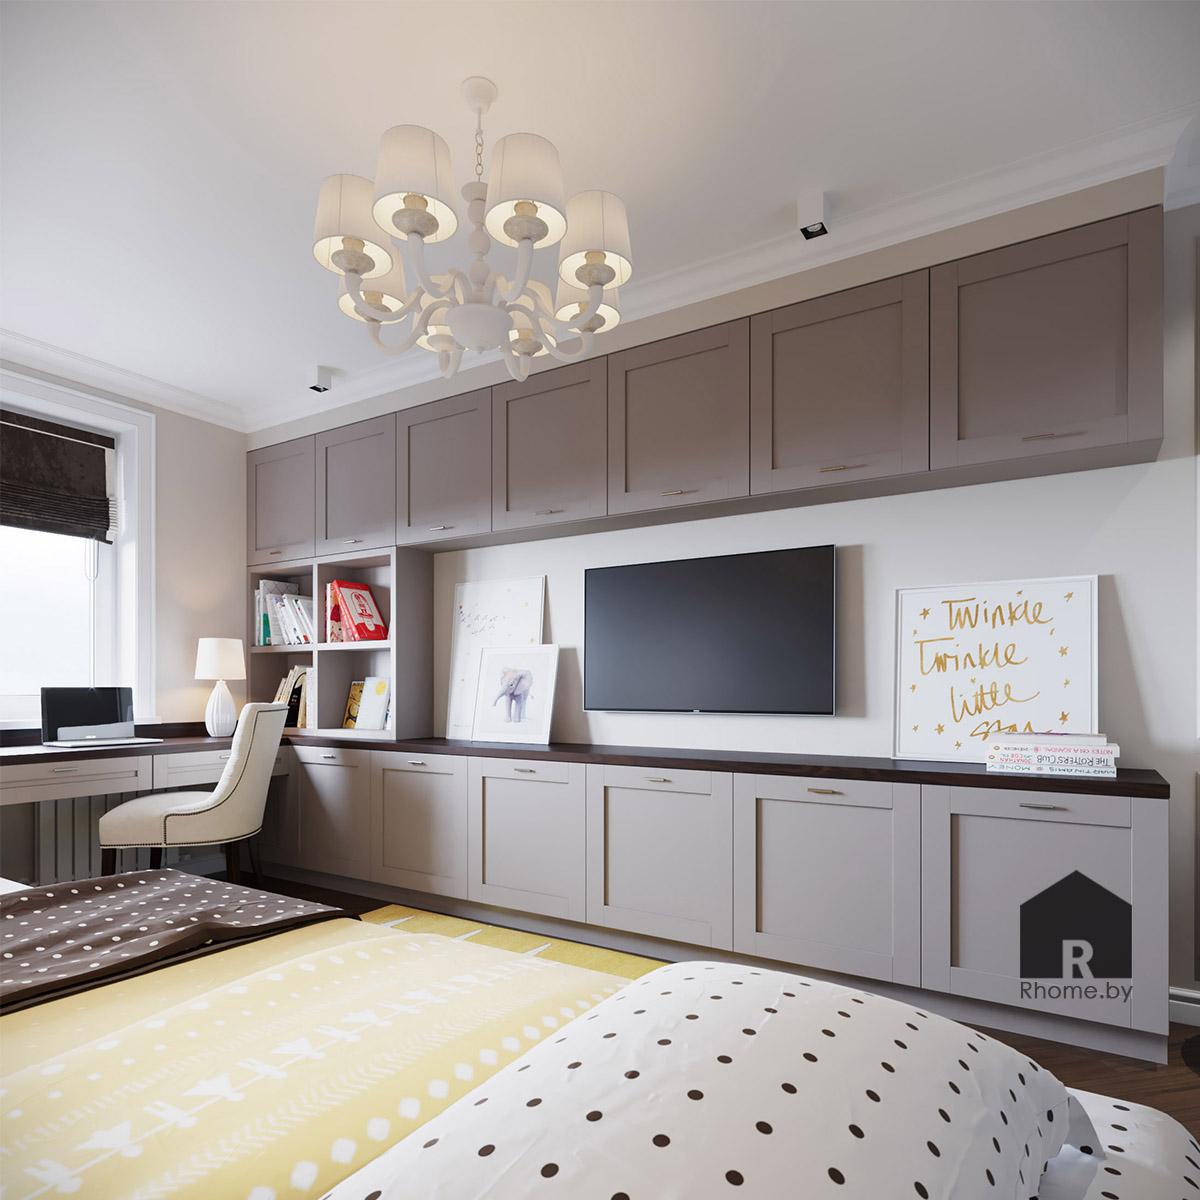 Дизайн детской комнаты в Боровлянах | Дизайн студия – Rhome.by